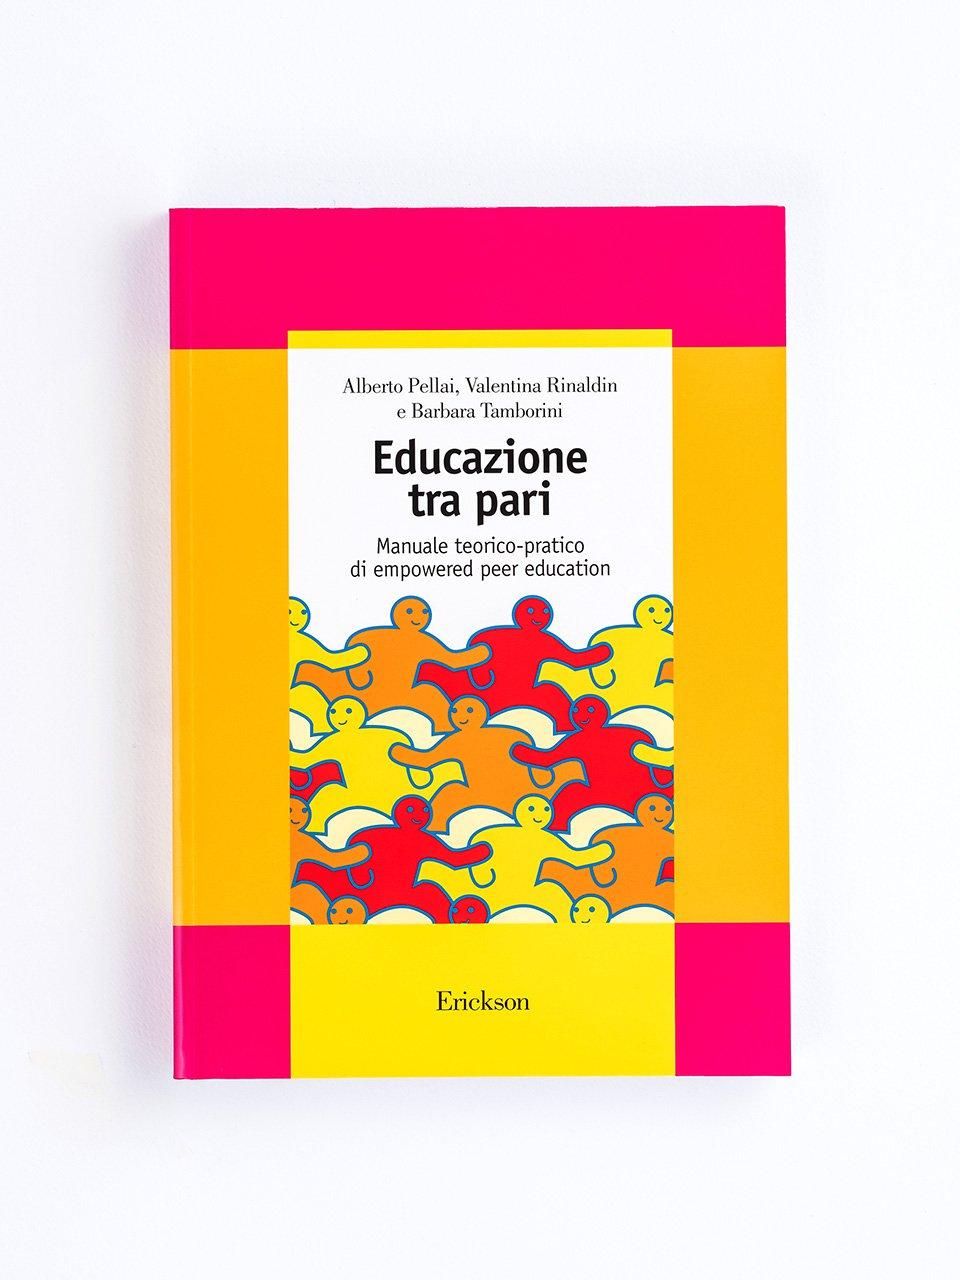 Educazione tra pari - Alberto Pellai - Erickson